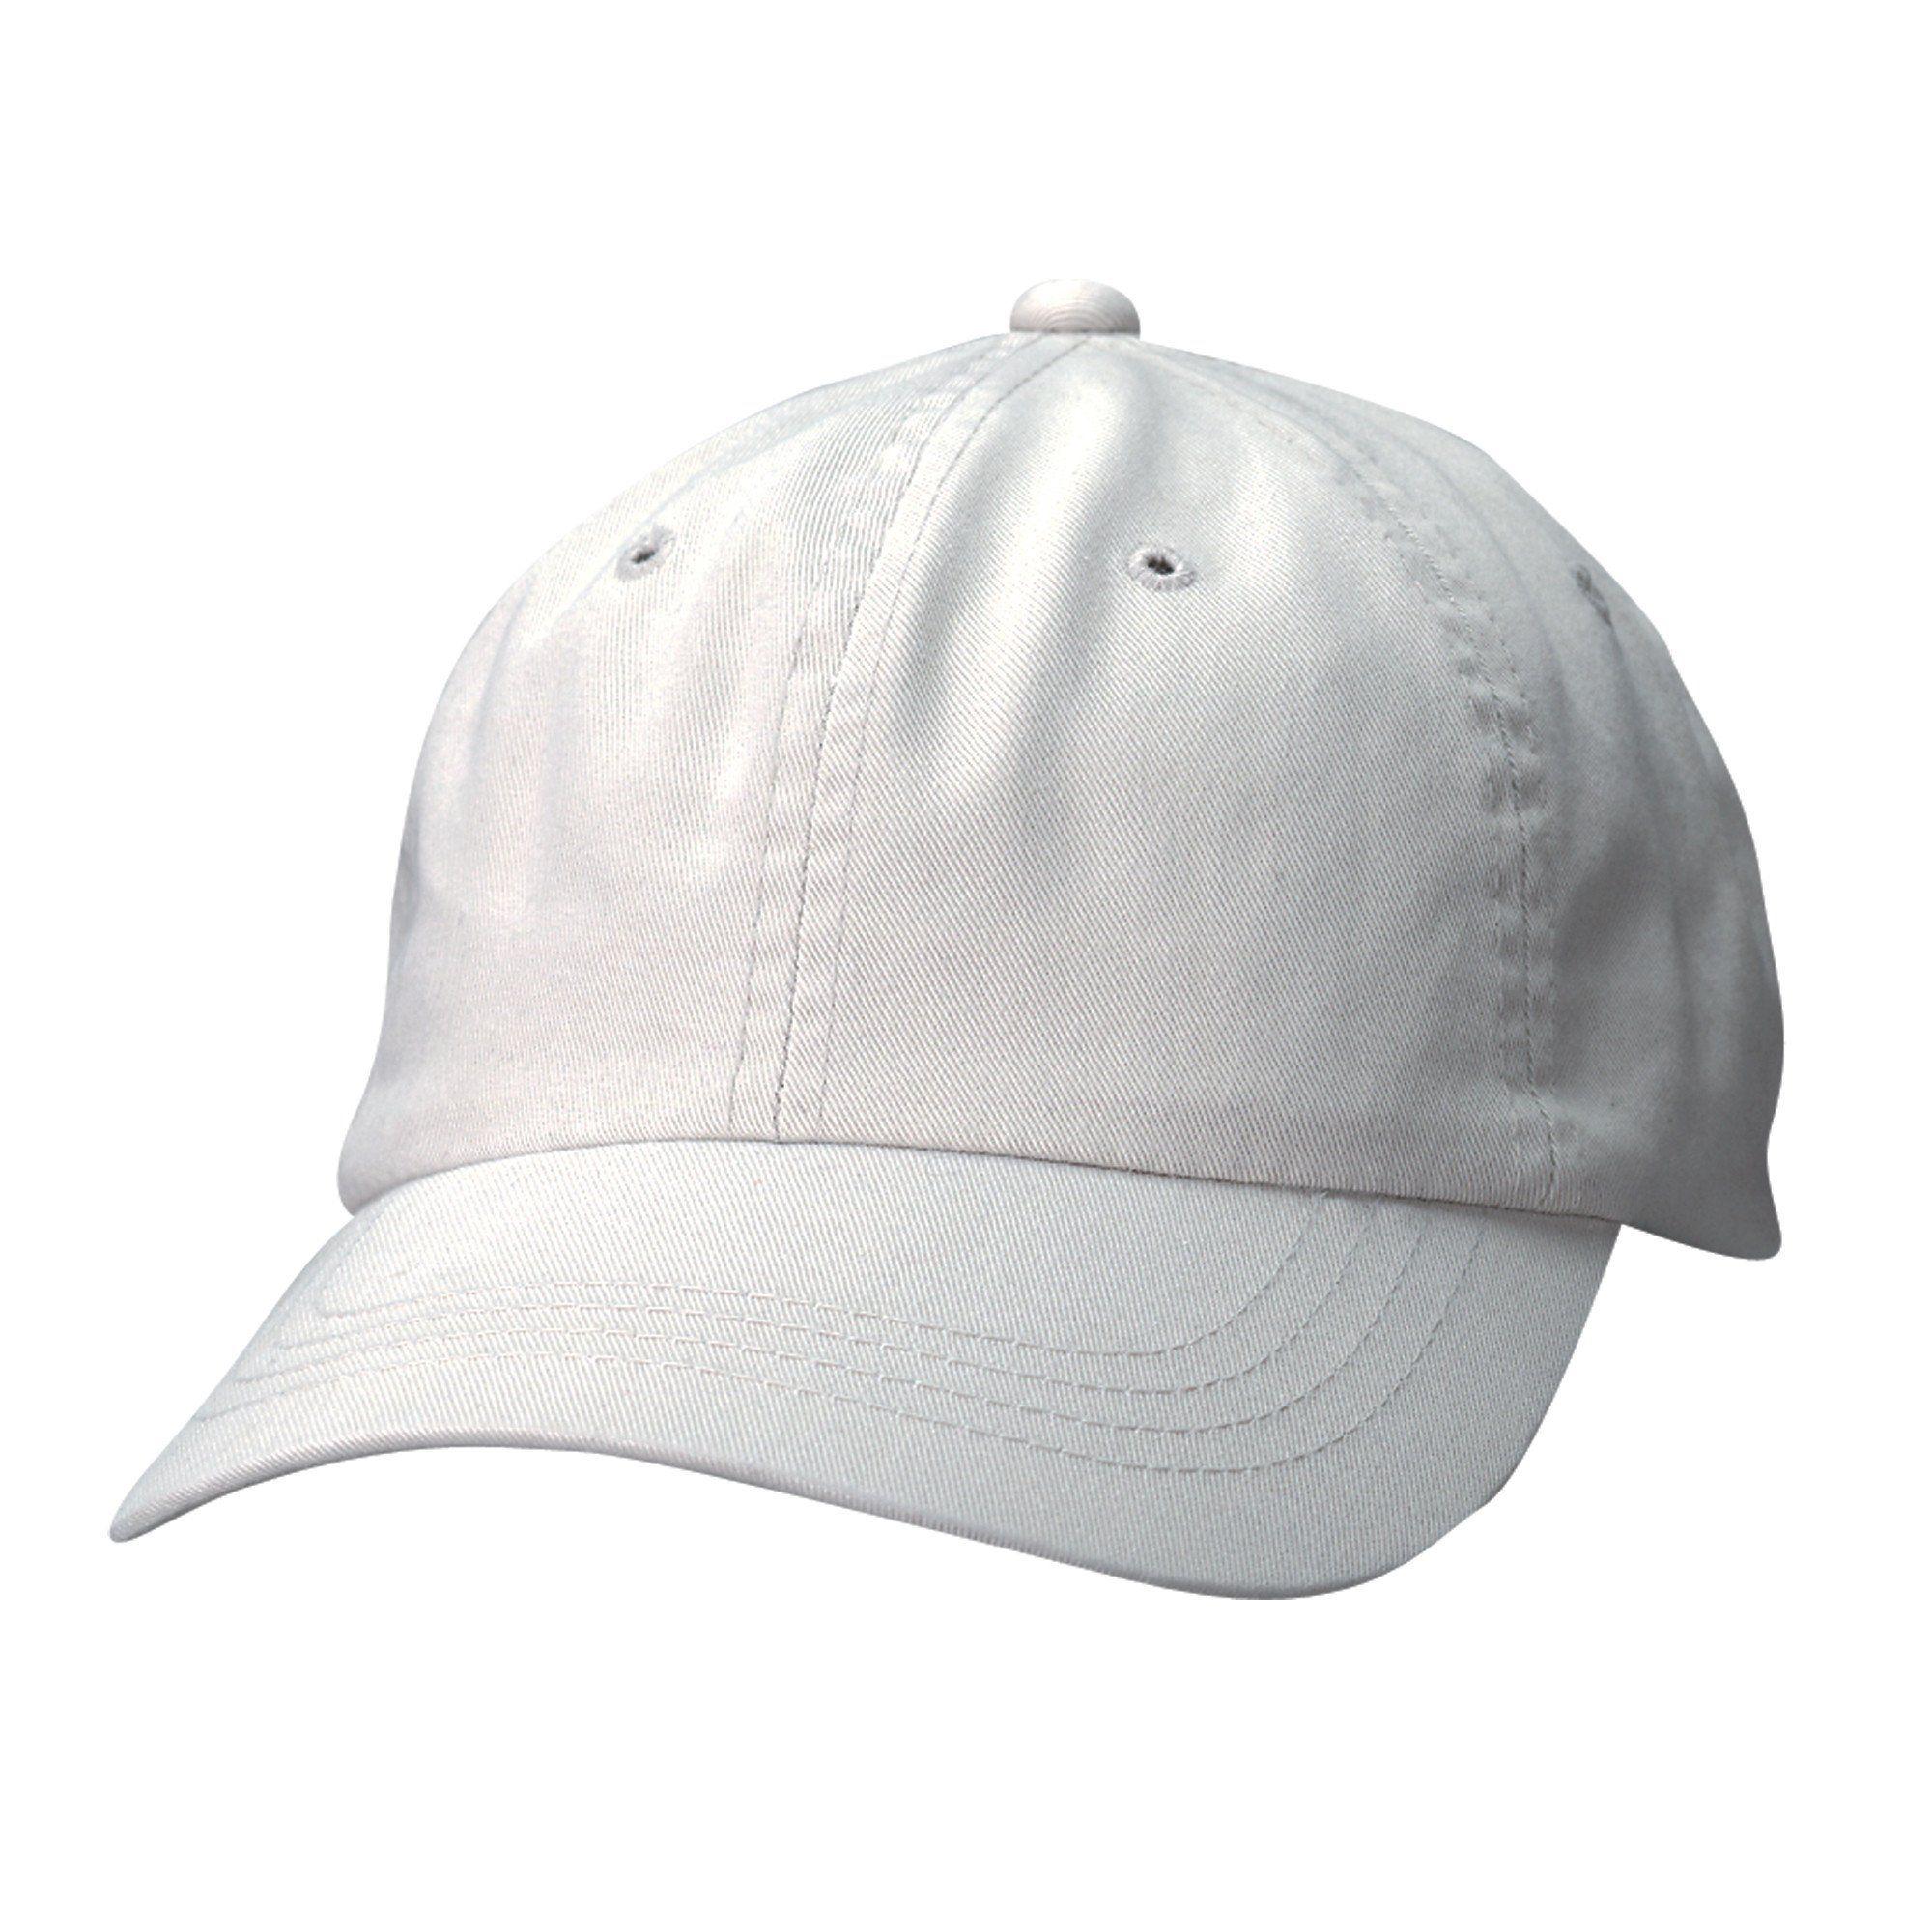 Dpc kids twill baseball cap baseball cap baseball cap